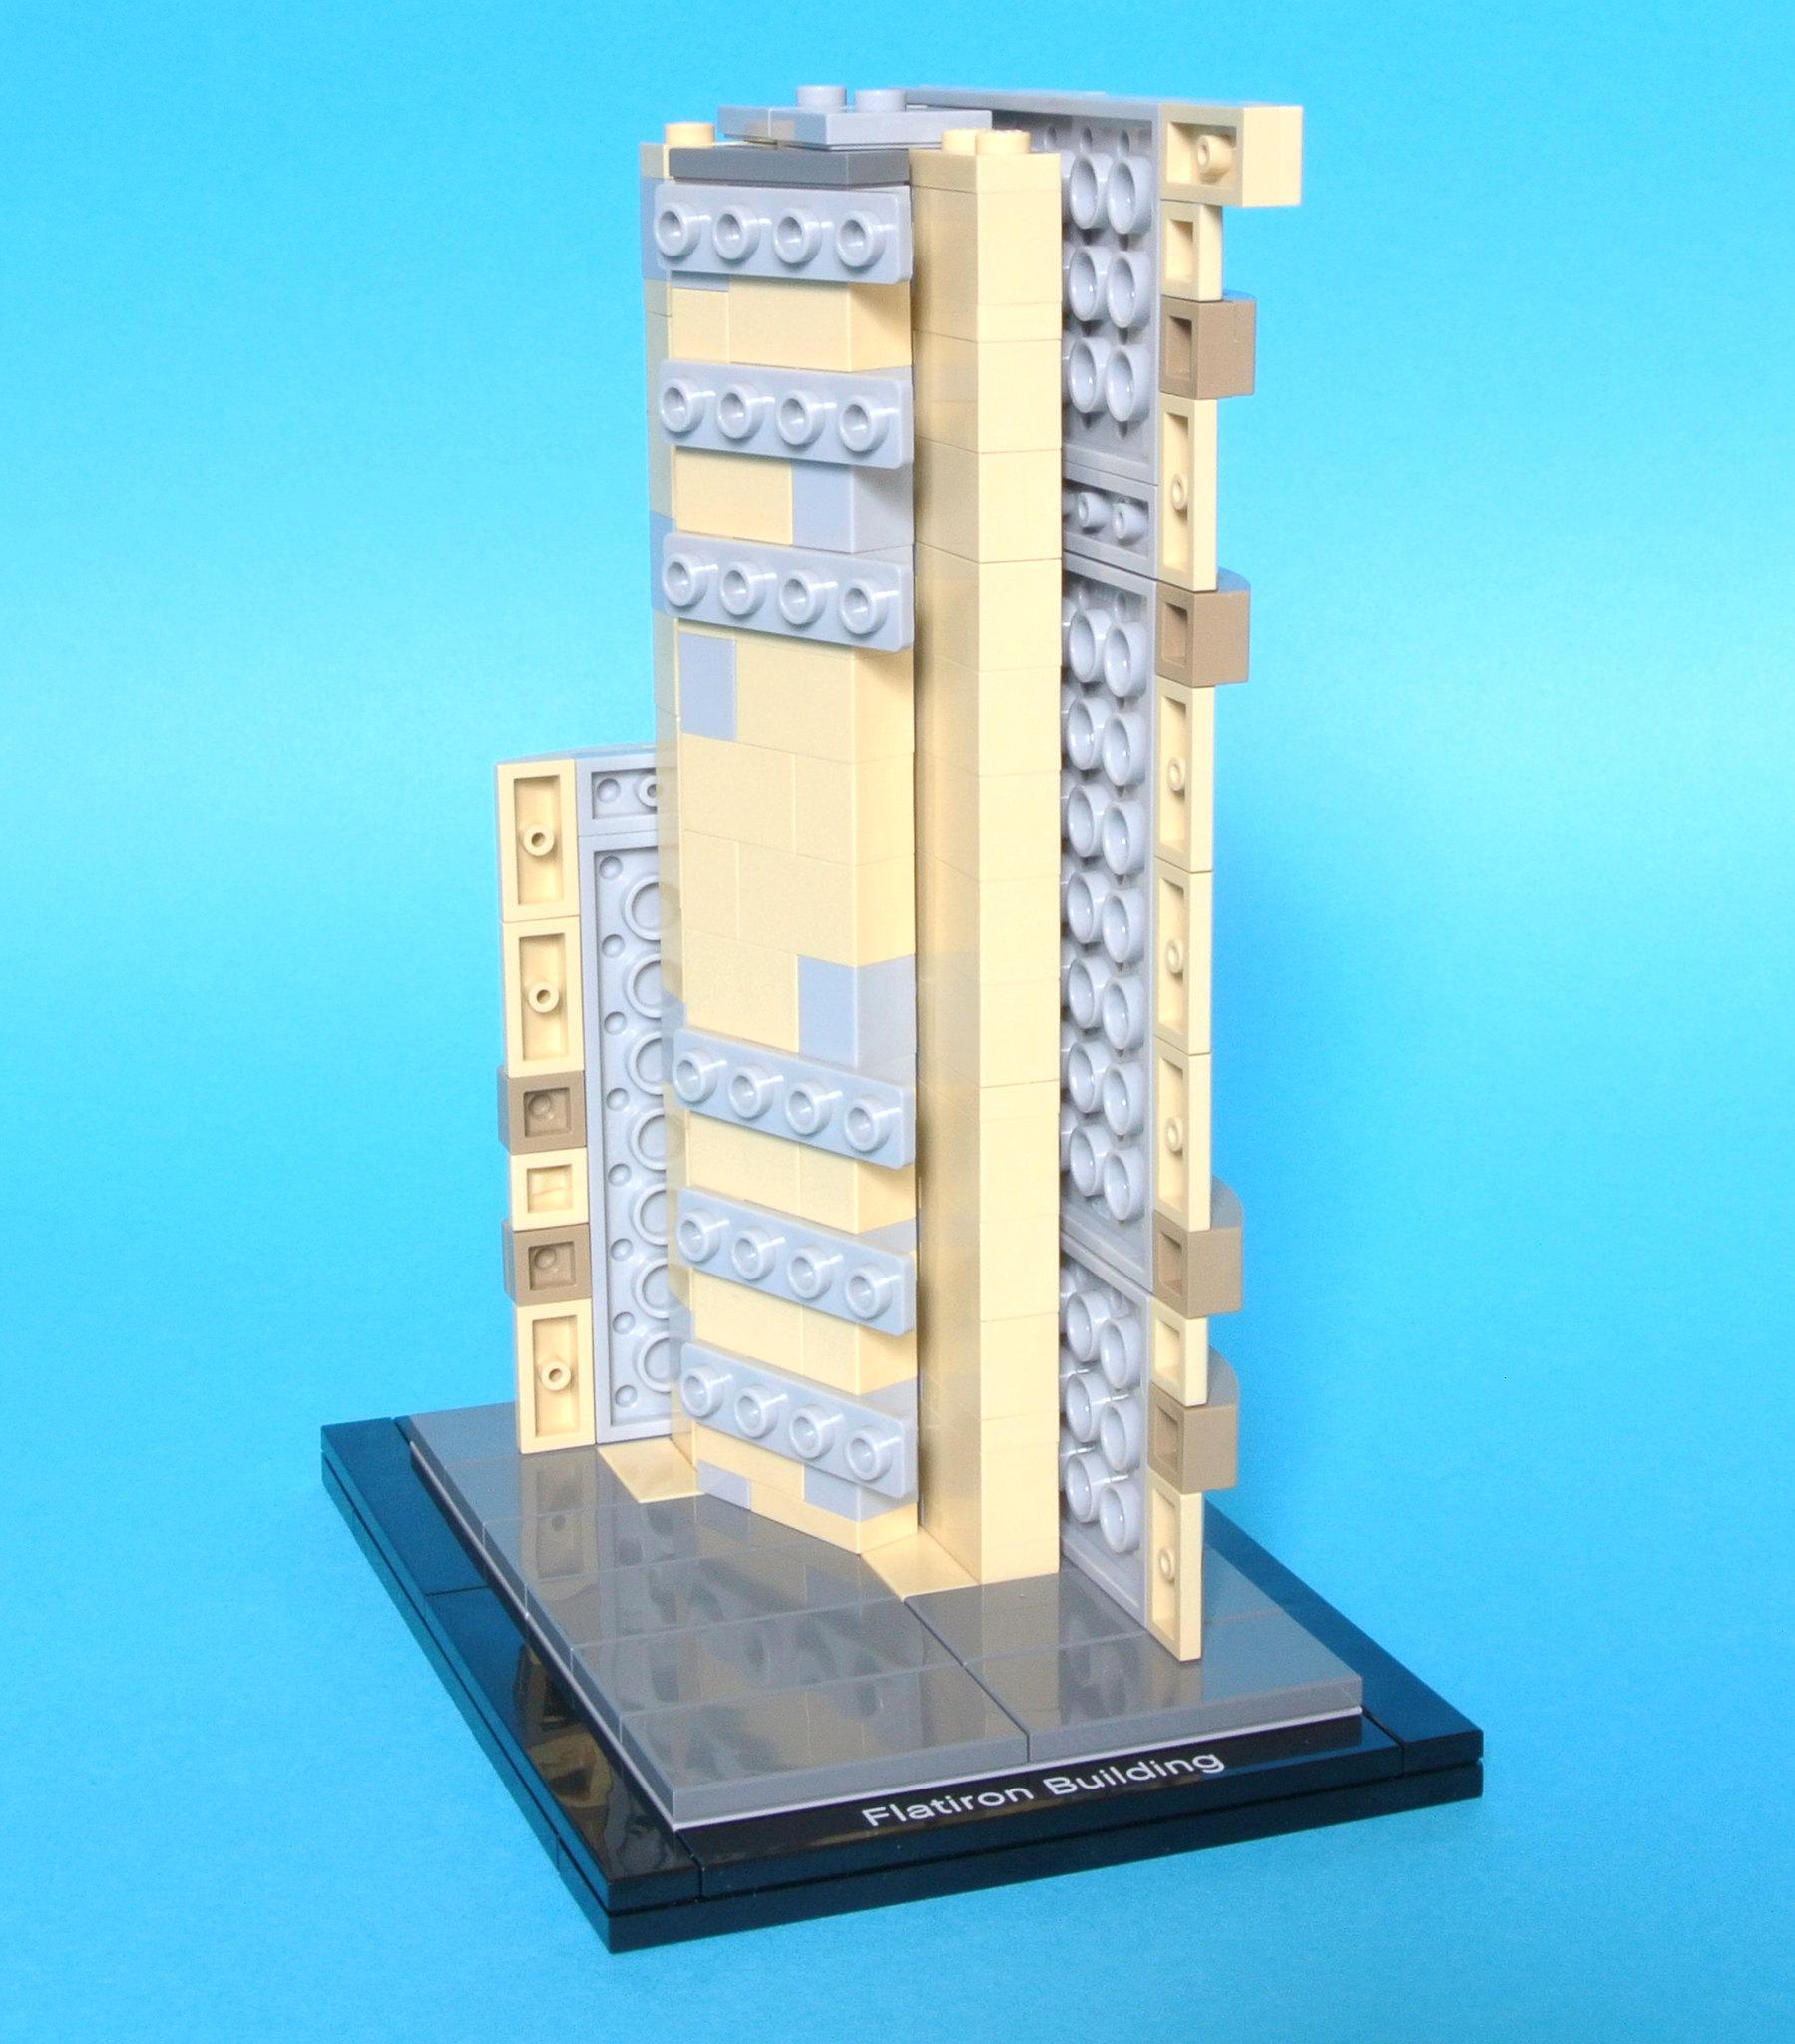 Lego Flatiron Building Karton